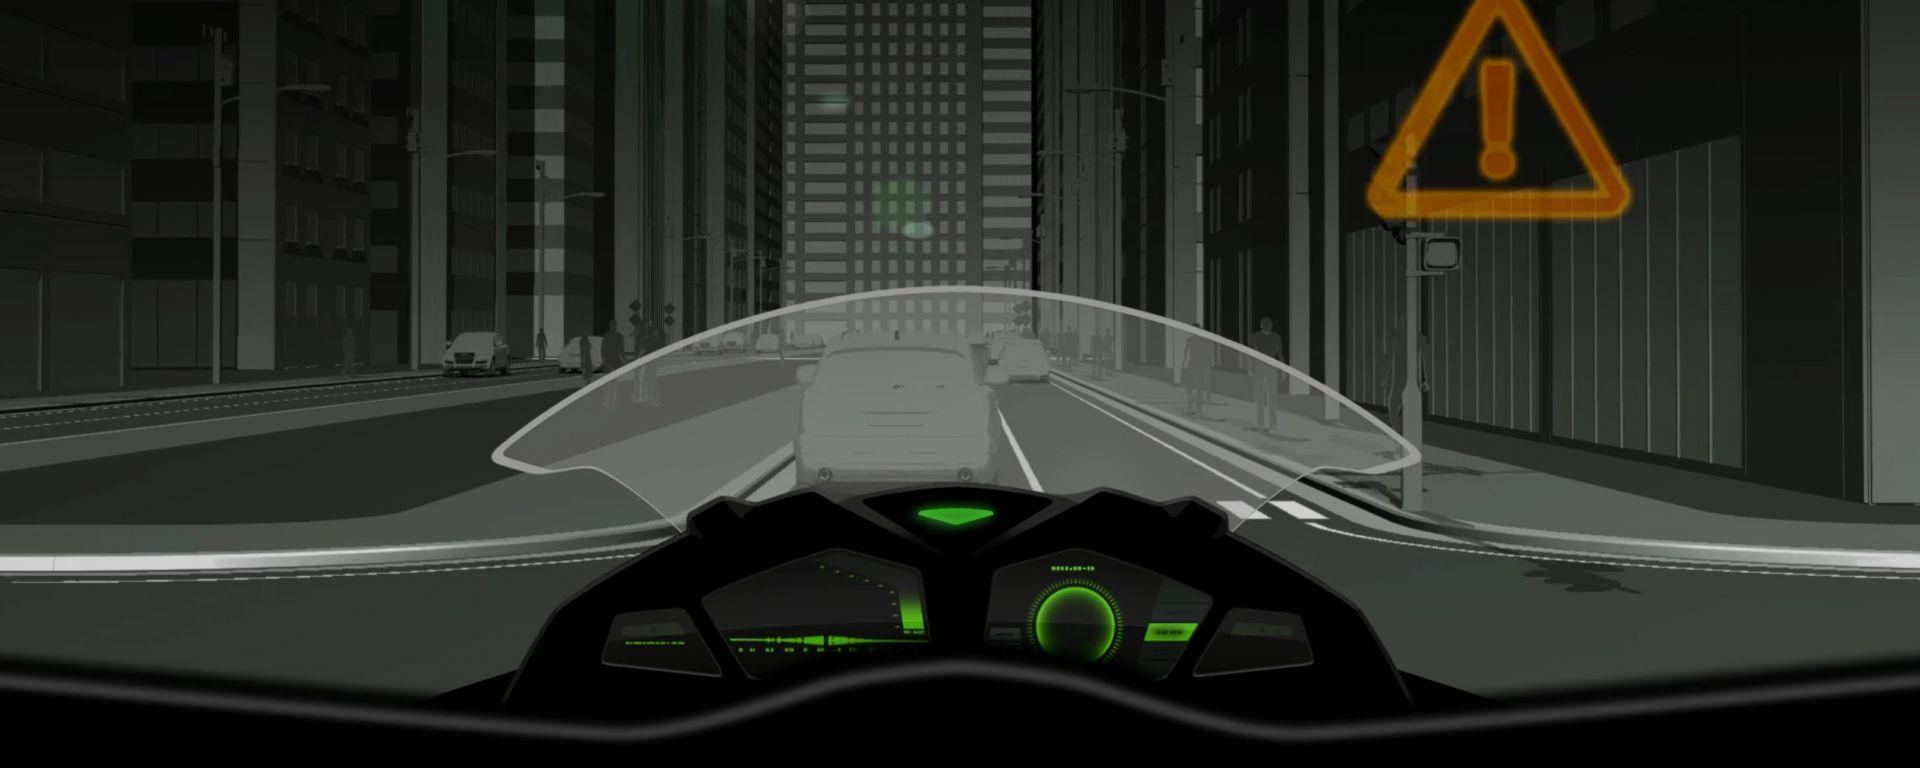 Kawasaki: l'intelligenza artificiale arriverà anche sulle moto